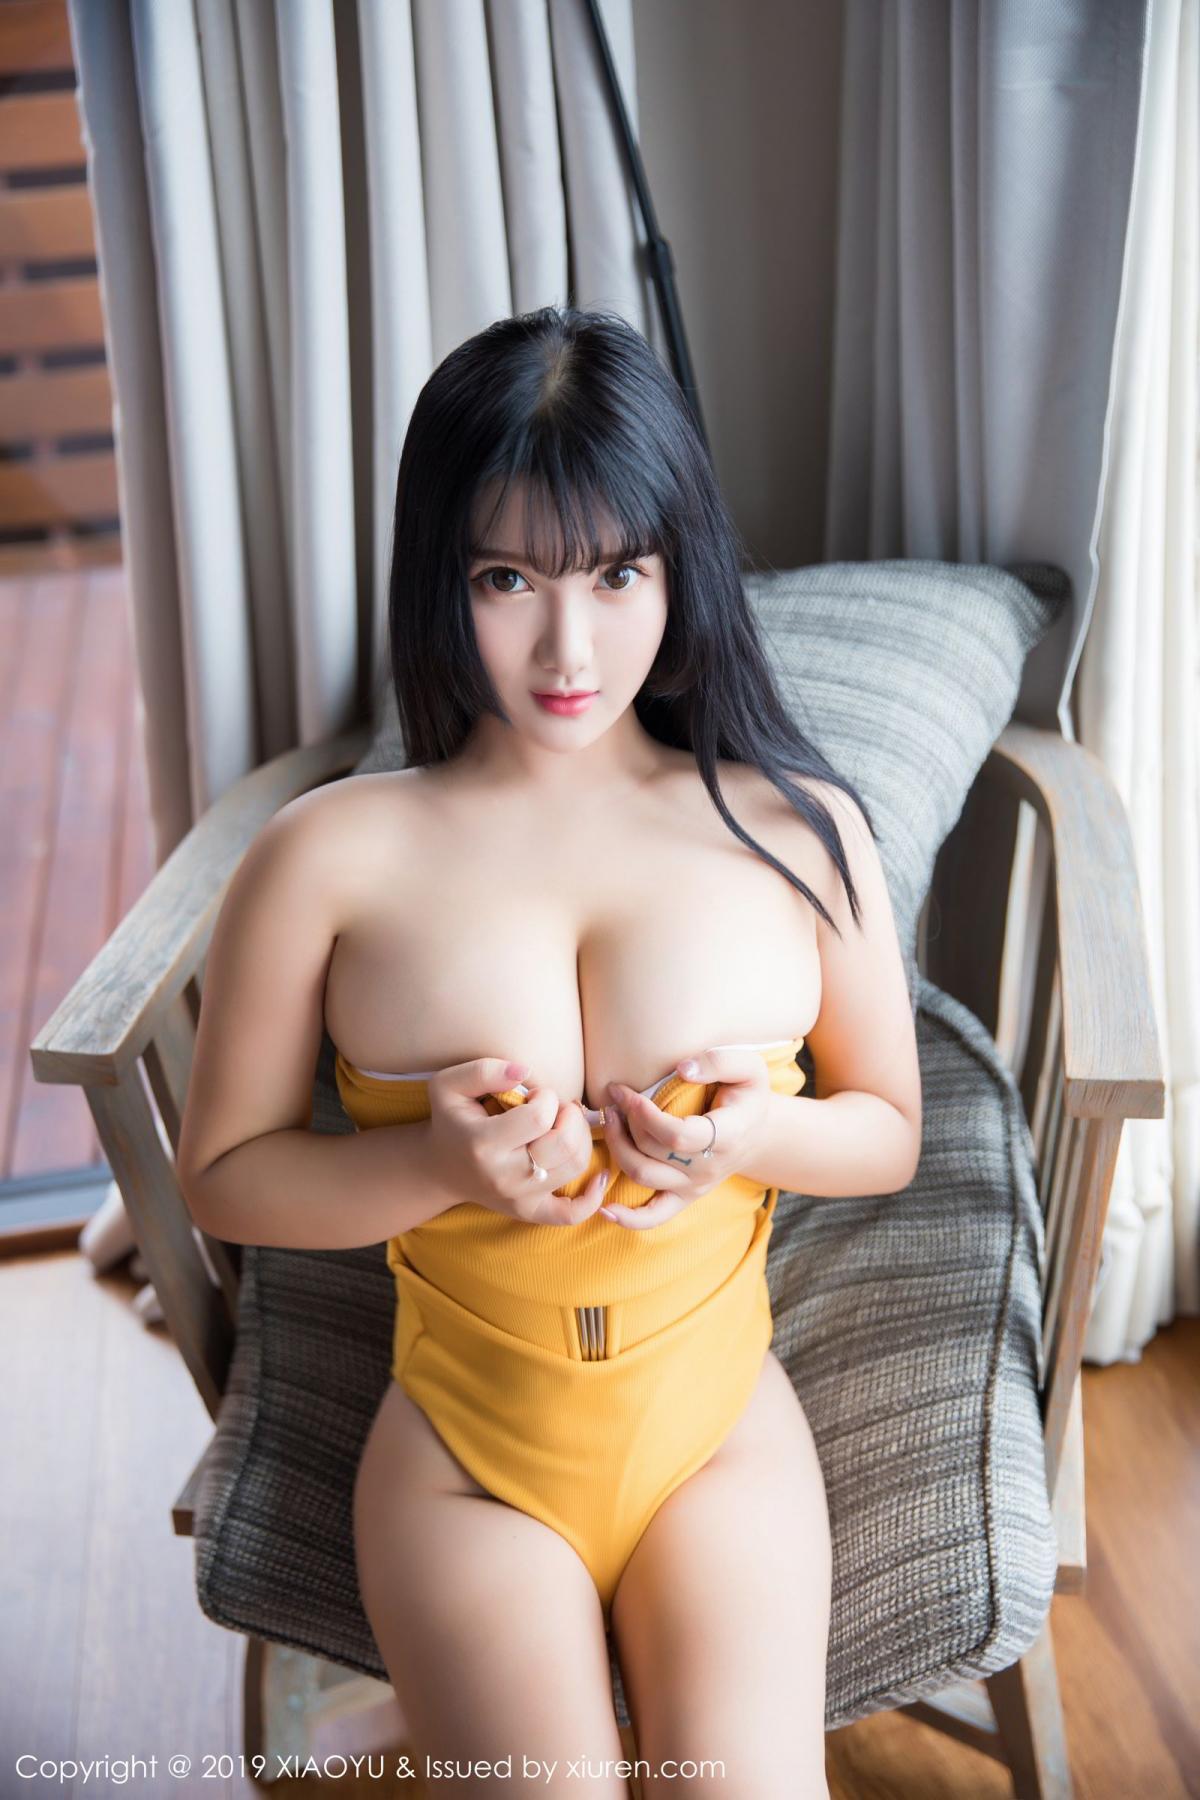 [XiaoYu] Vol.111 Lu Lu Xiao Miao 2P, Cute, Lu Lu Xiao Miao, Underwear, XiaoYu